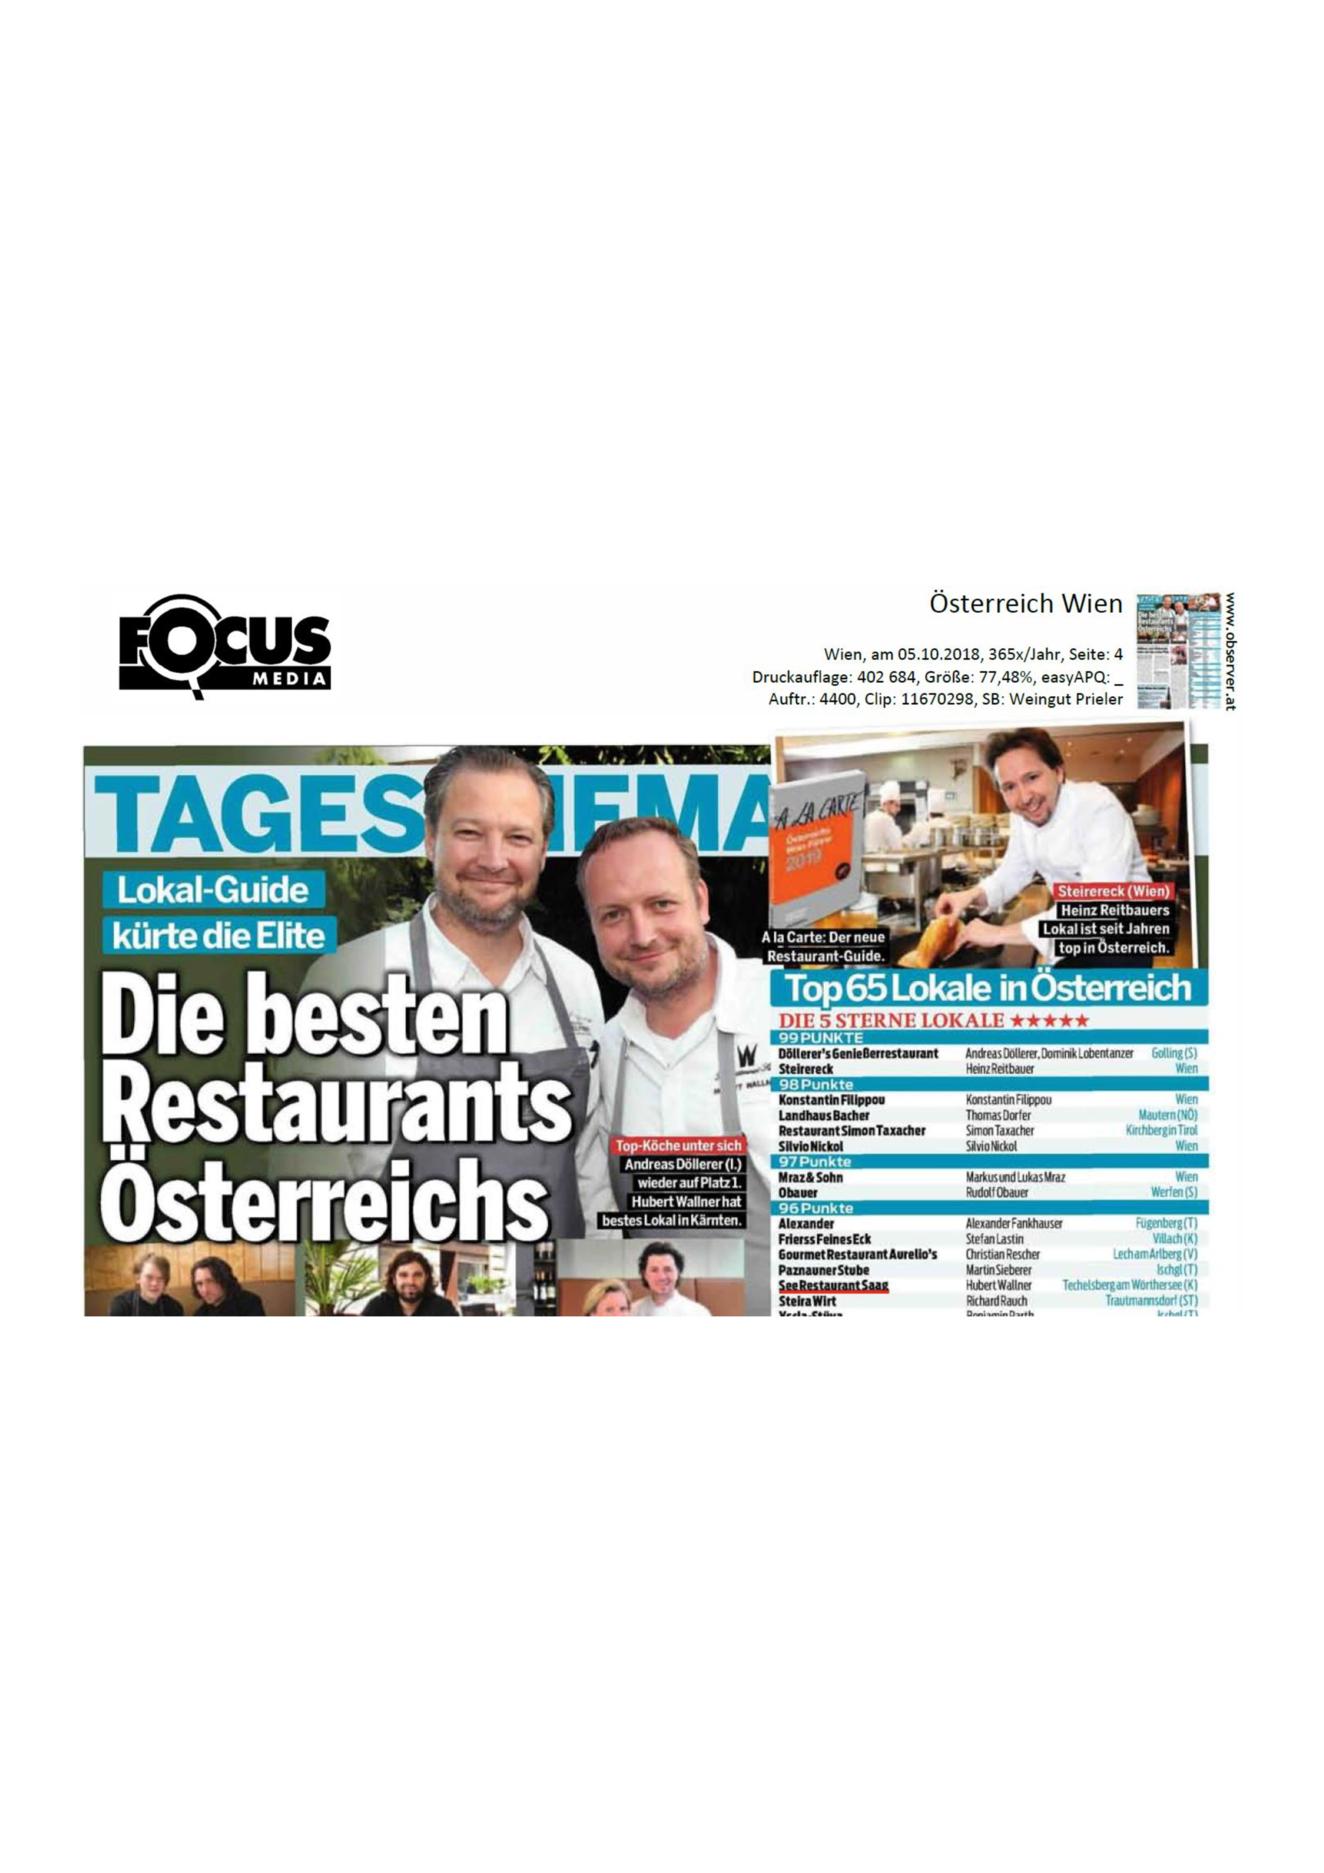 Die besten Restaurants und Weine Österreichs